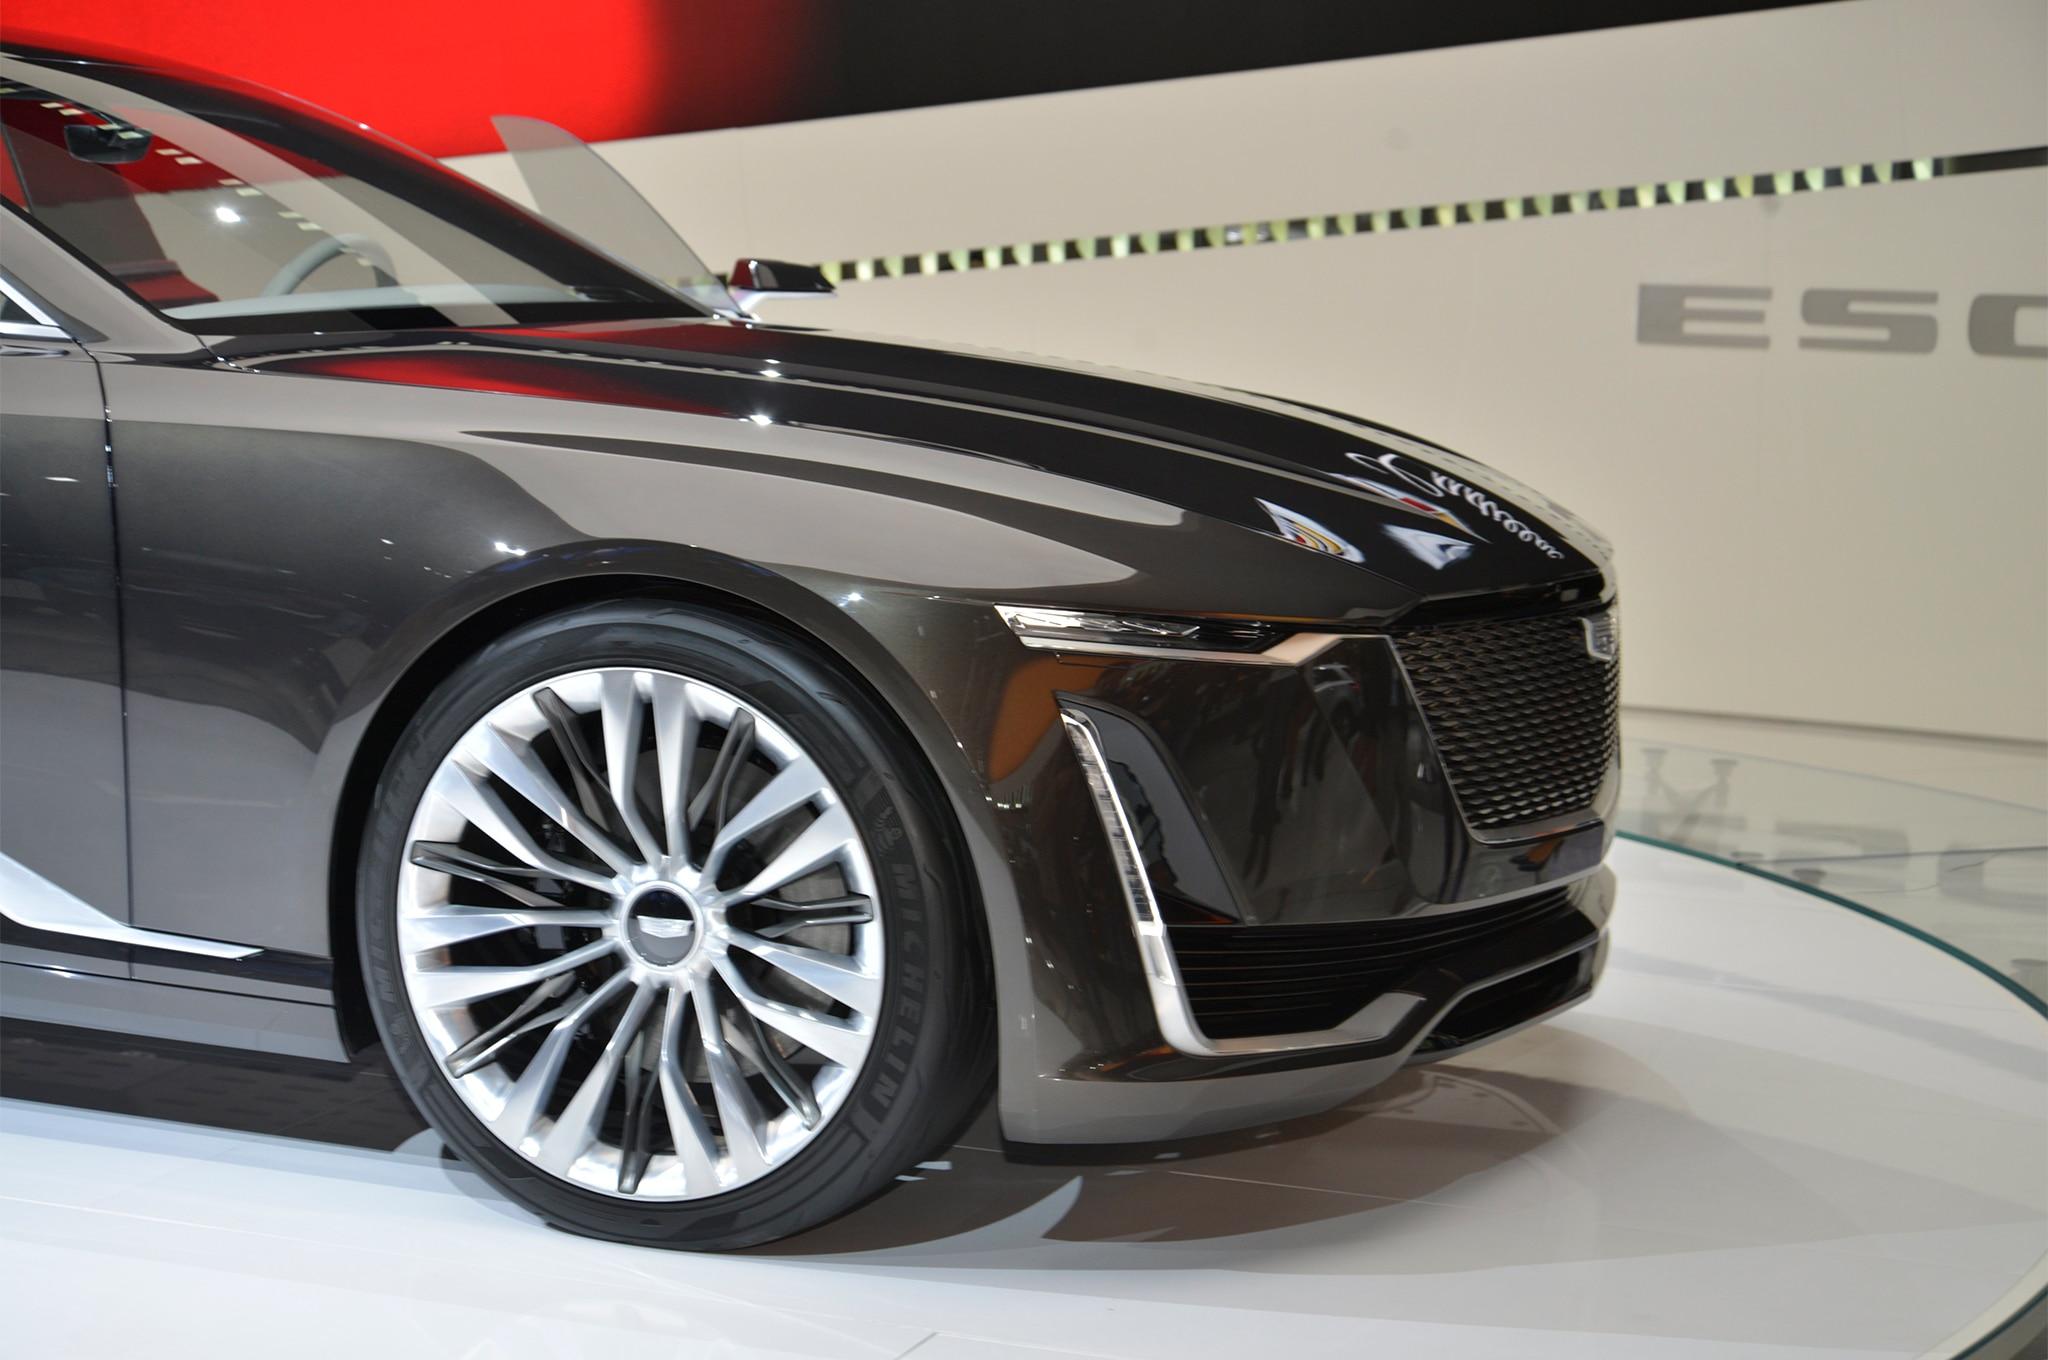 Cadillac Escala concept front wheels